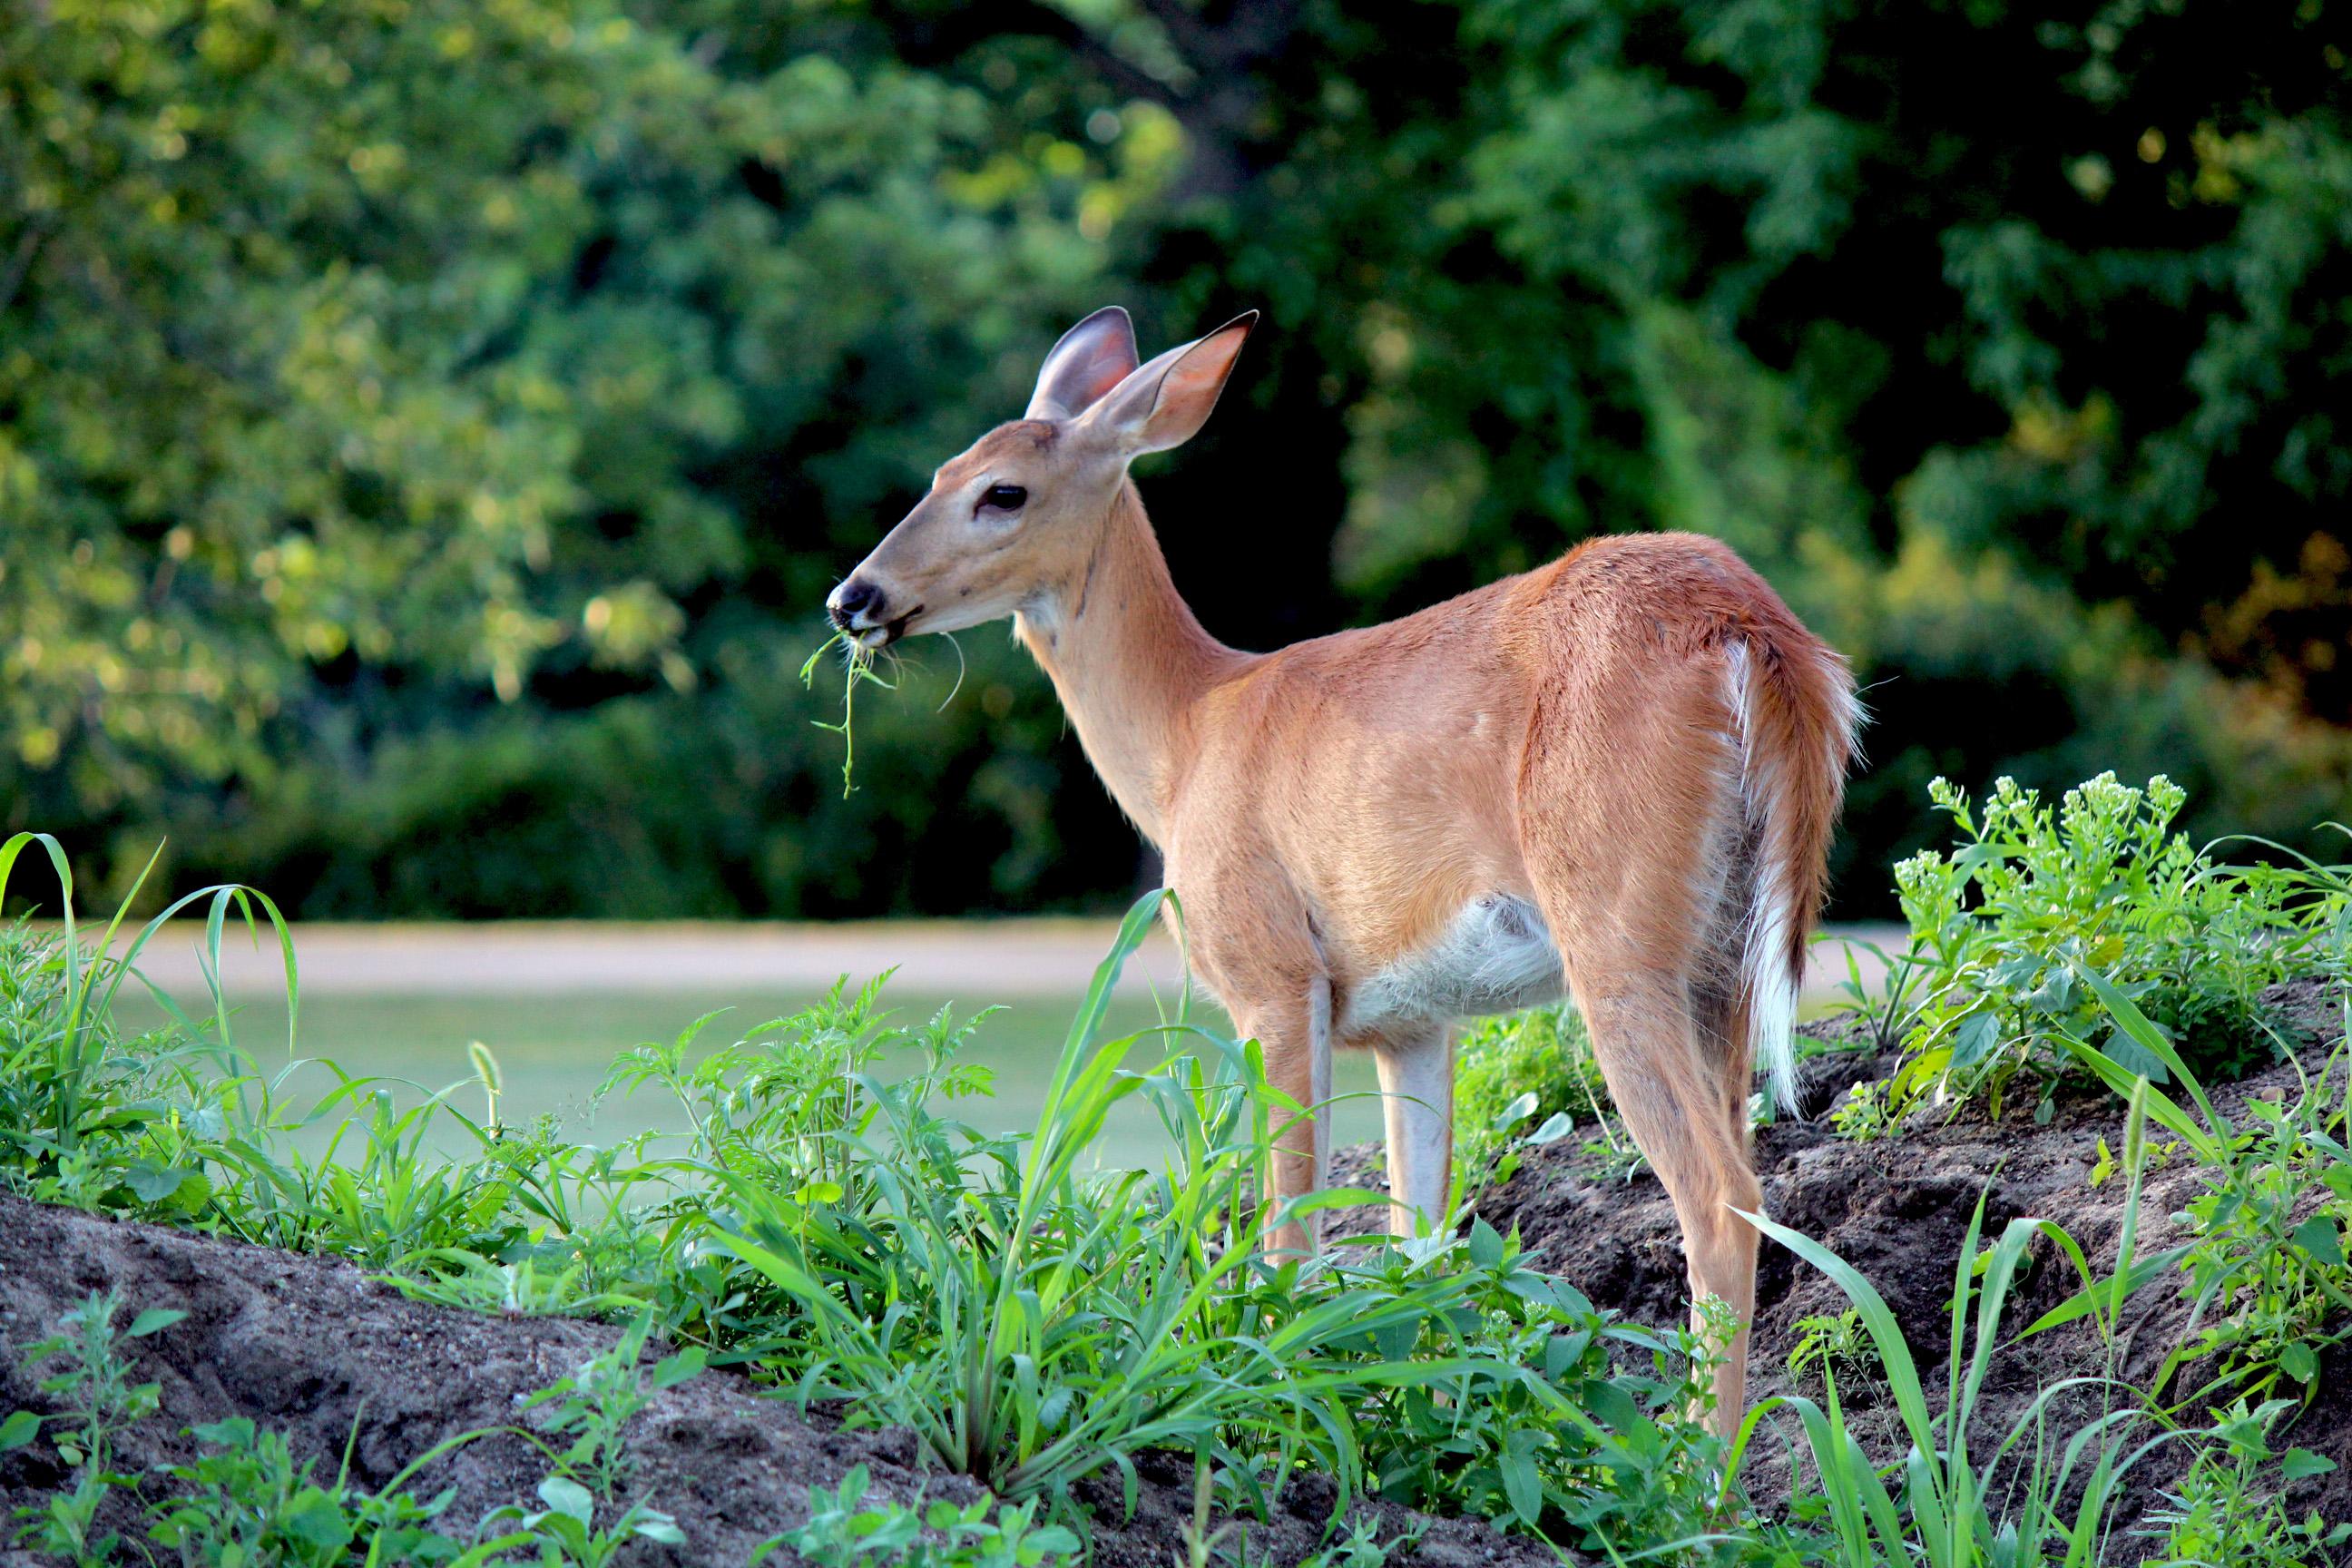 Planting Deer Resistant Plants